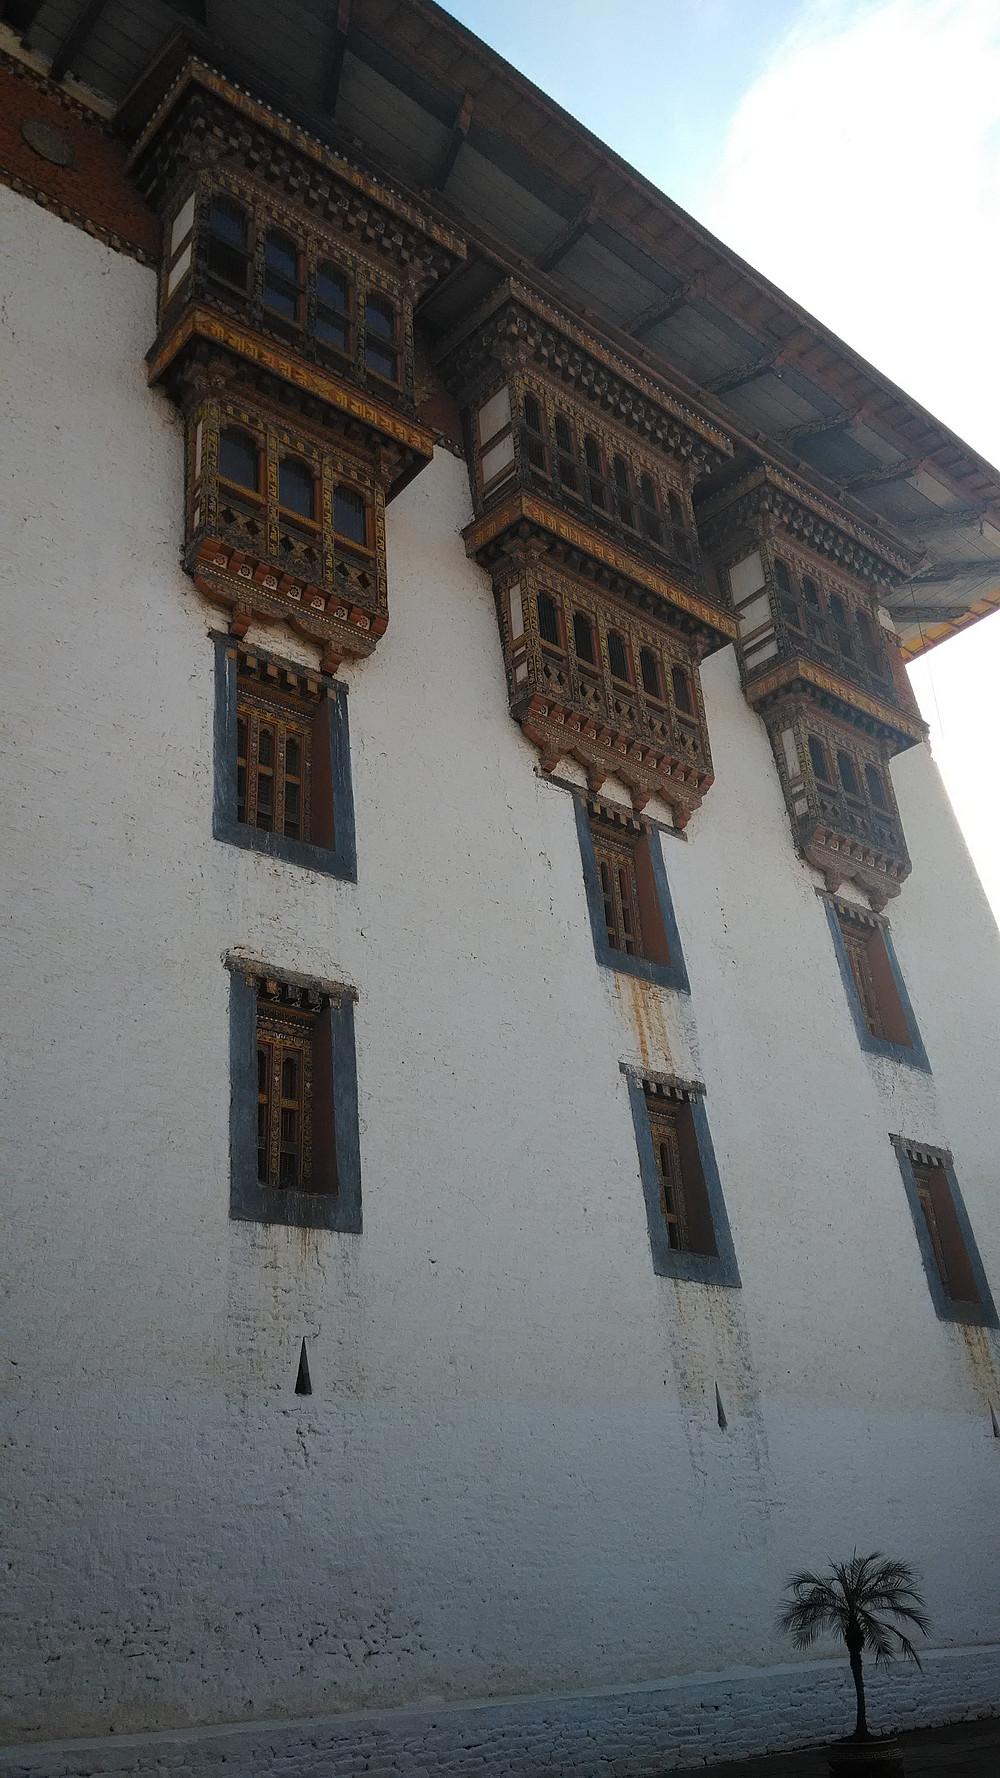 Bhutanilaiset tekevät usein pitkää työpäivää (jos töitä löytyy).